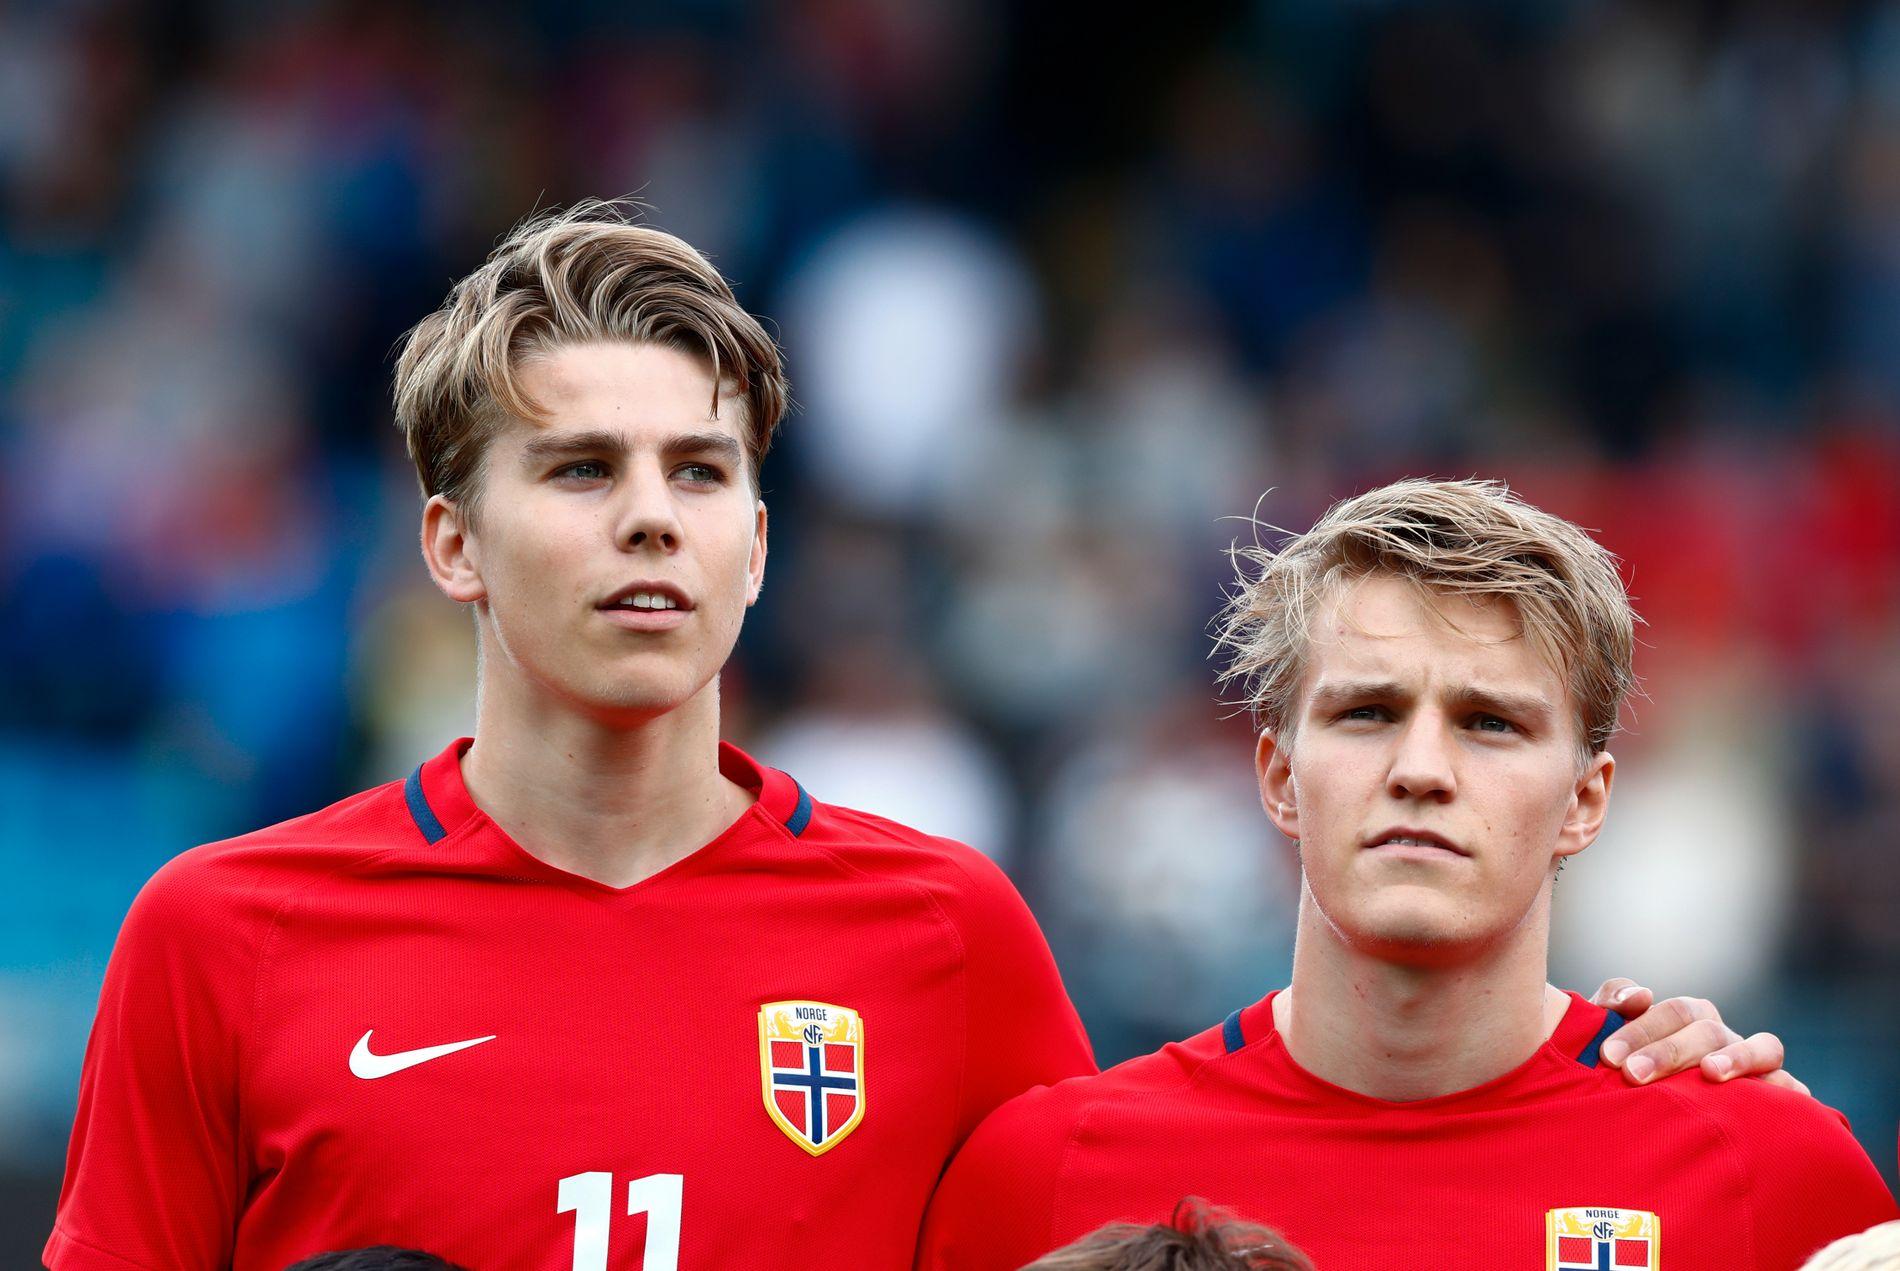 PÅ U21: Martin Samuelsen, her med Martin Ødegaard før U21-kamp mot Kosovo, har ikke blitt tatt ut på A-landslaget under Lars Lagerbäck.